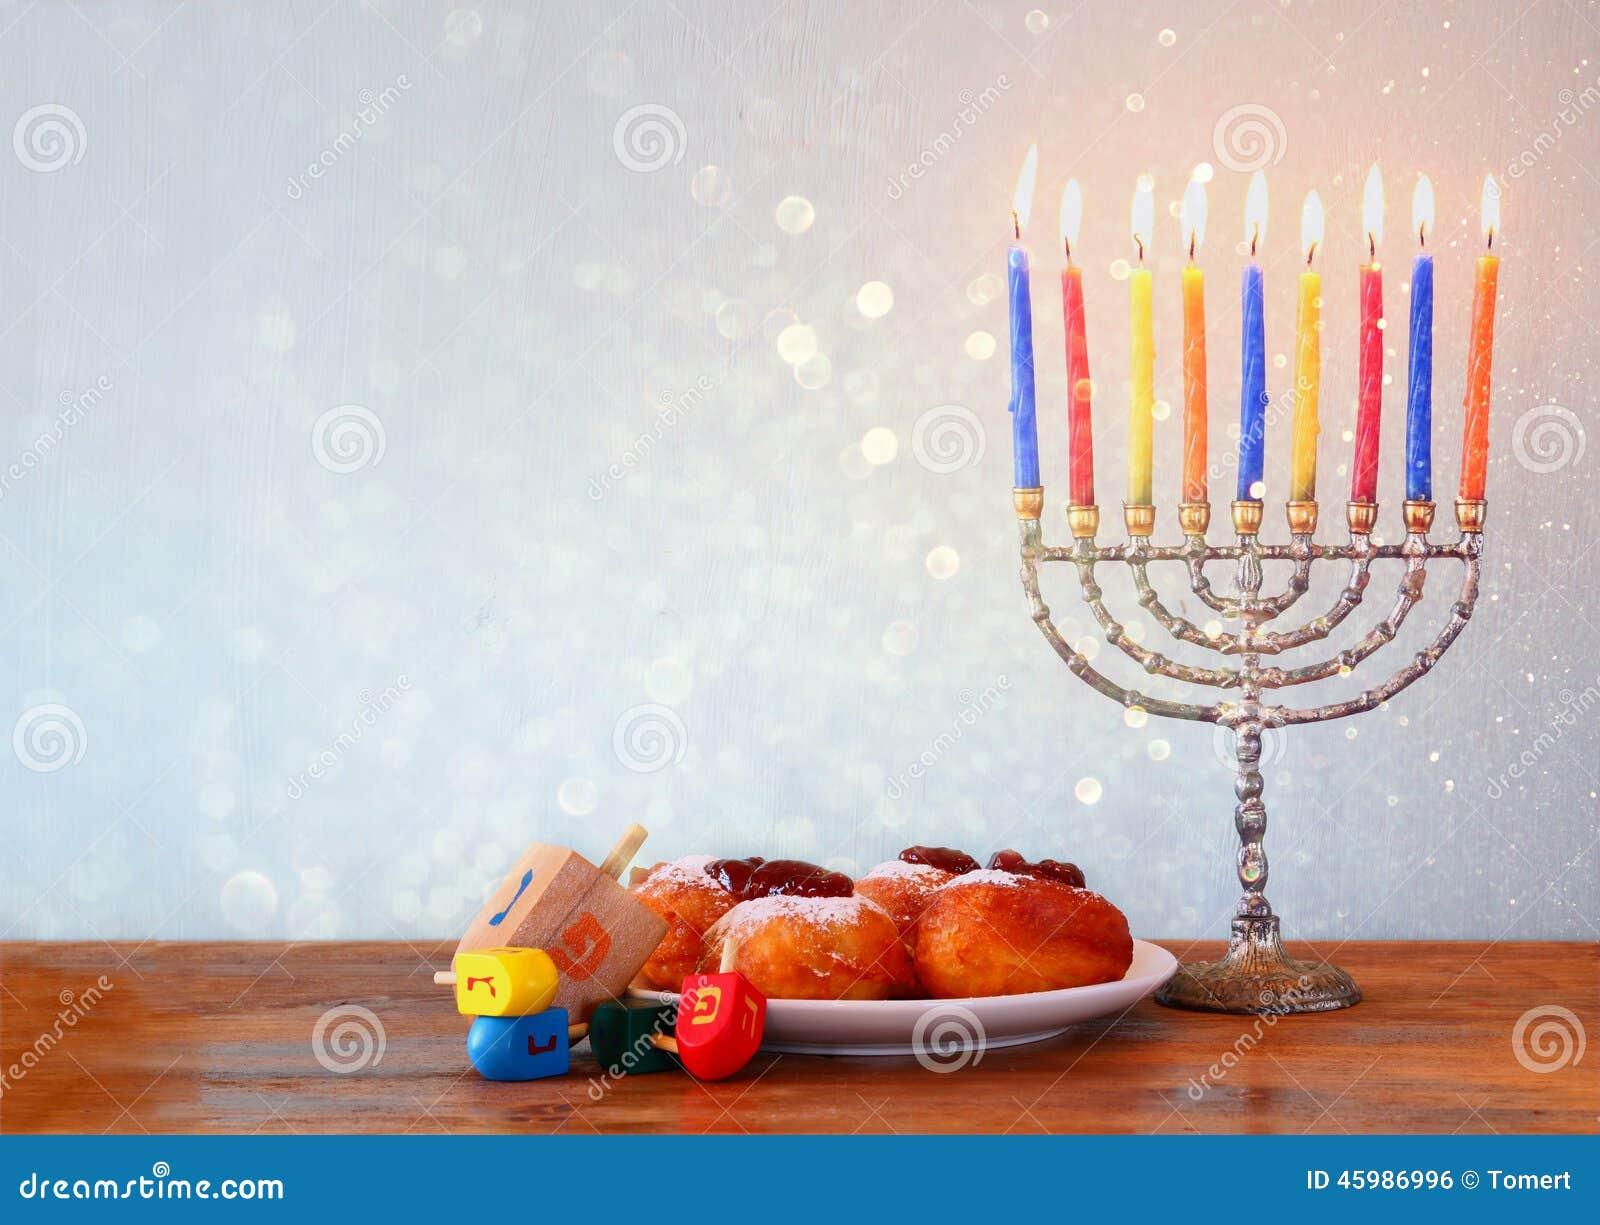 Festa ebrea Chanukah con menorah, ciambelle sopra la tavola di legno retro immagine filtrata